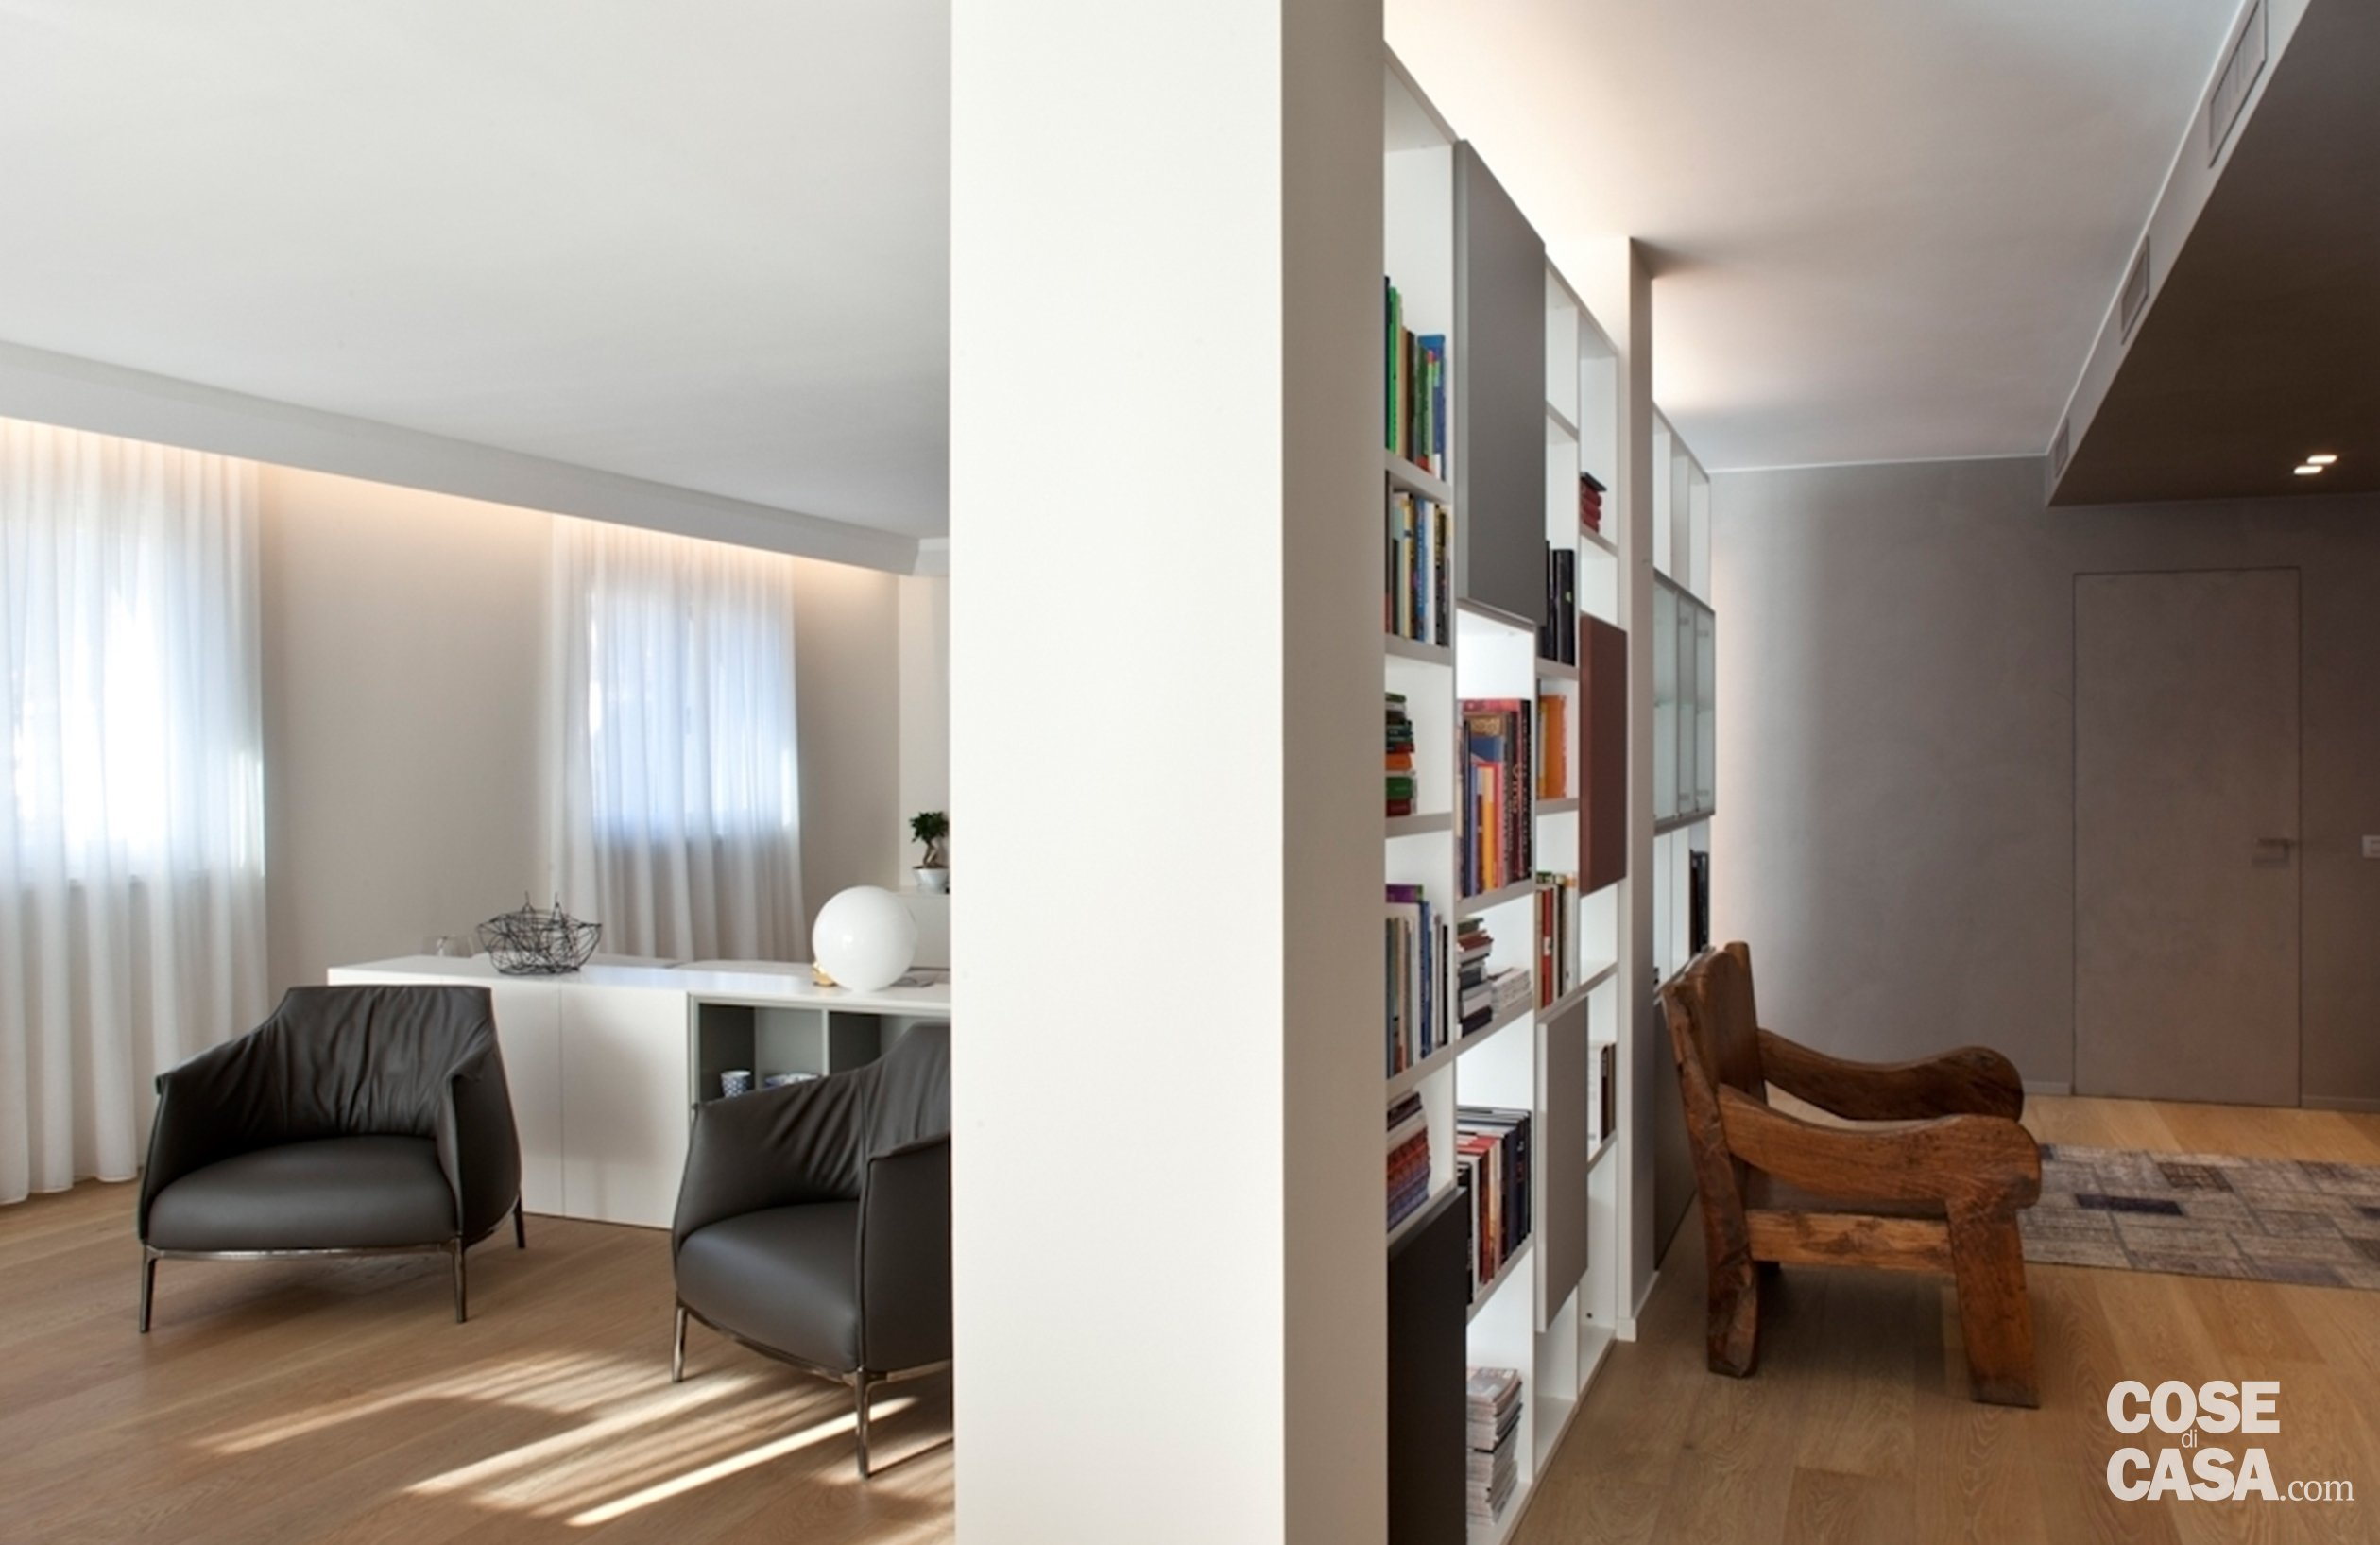 Favoloso Soluzioni da copiare nella casa con percorso di piastrelle  YZ17